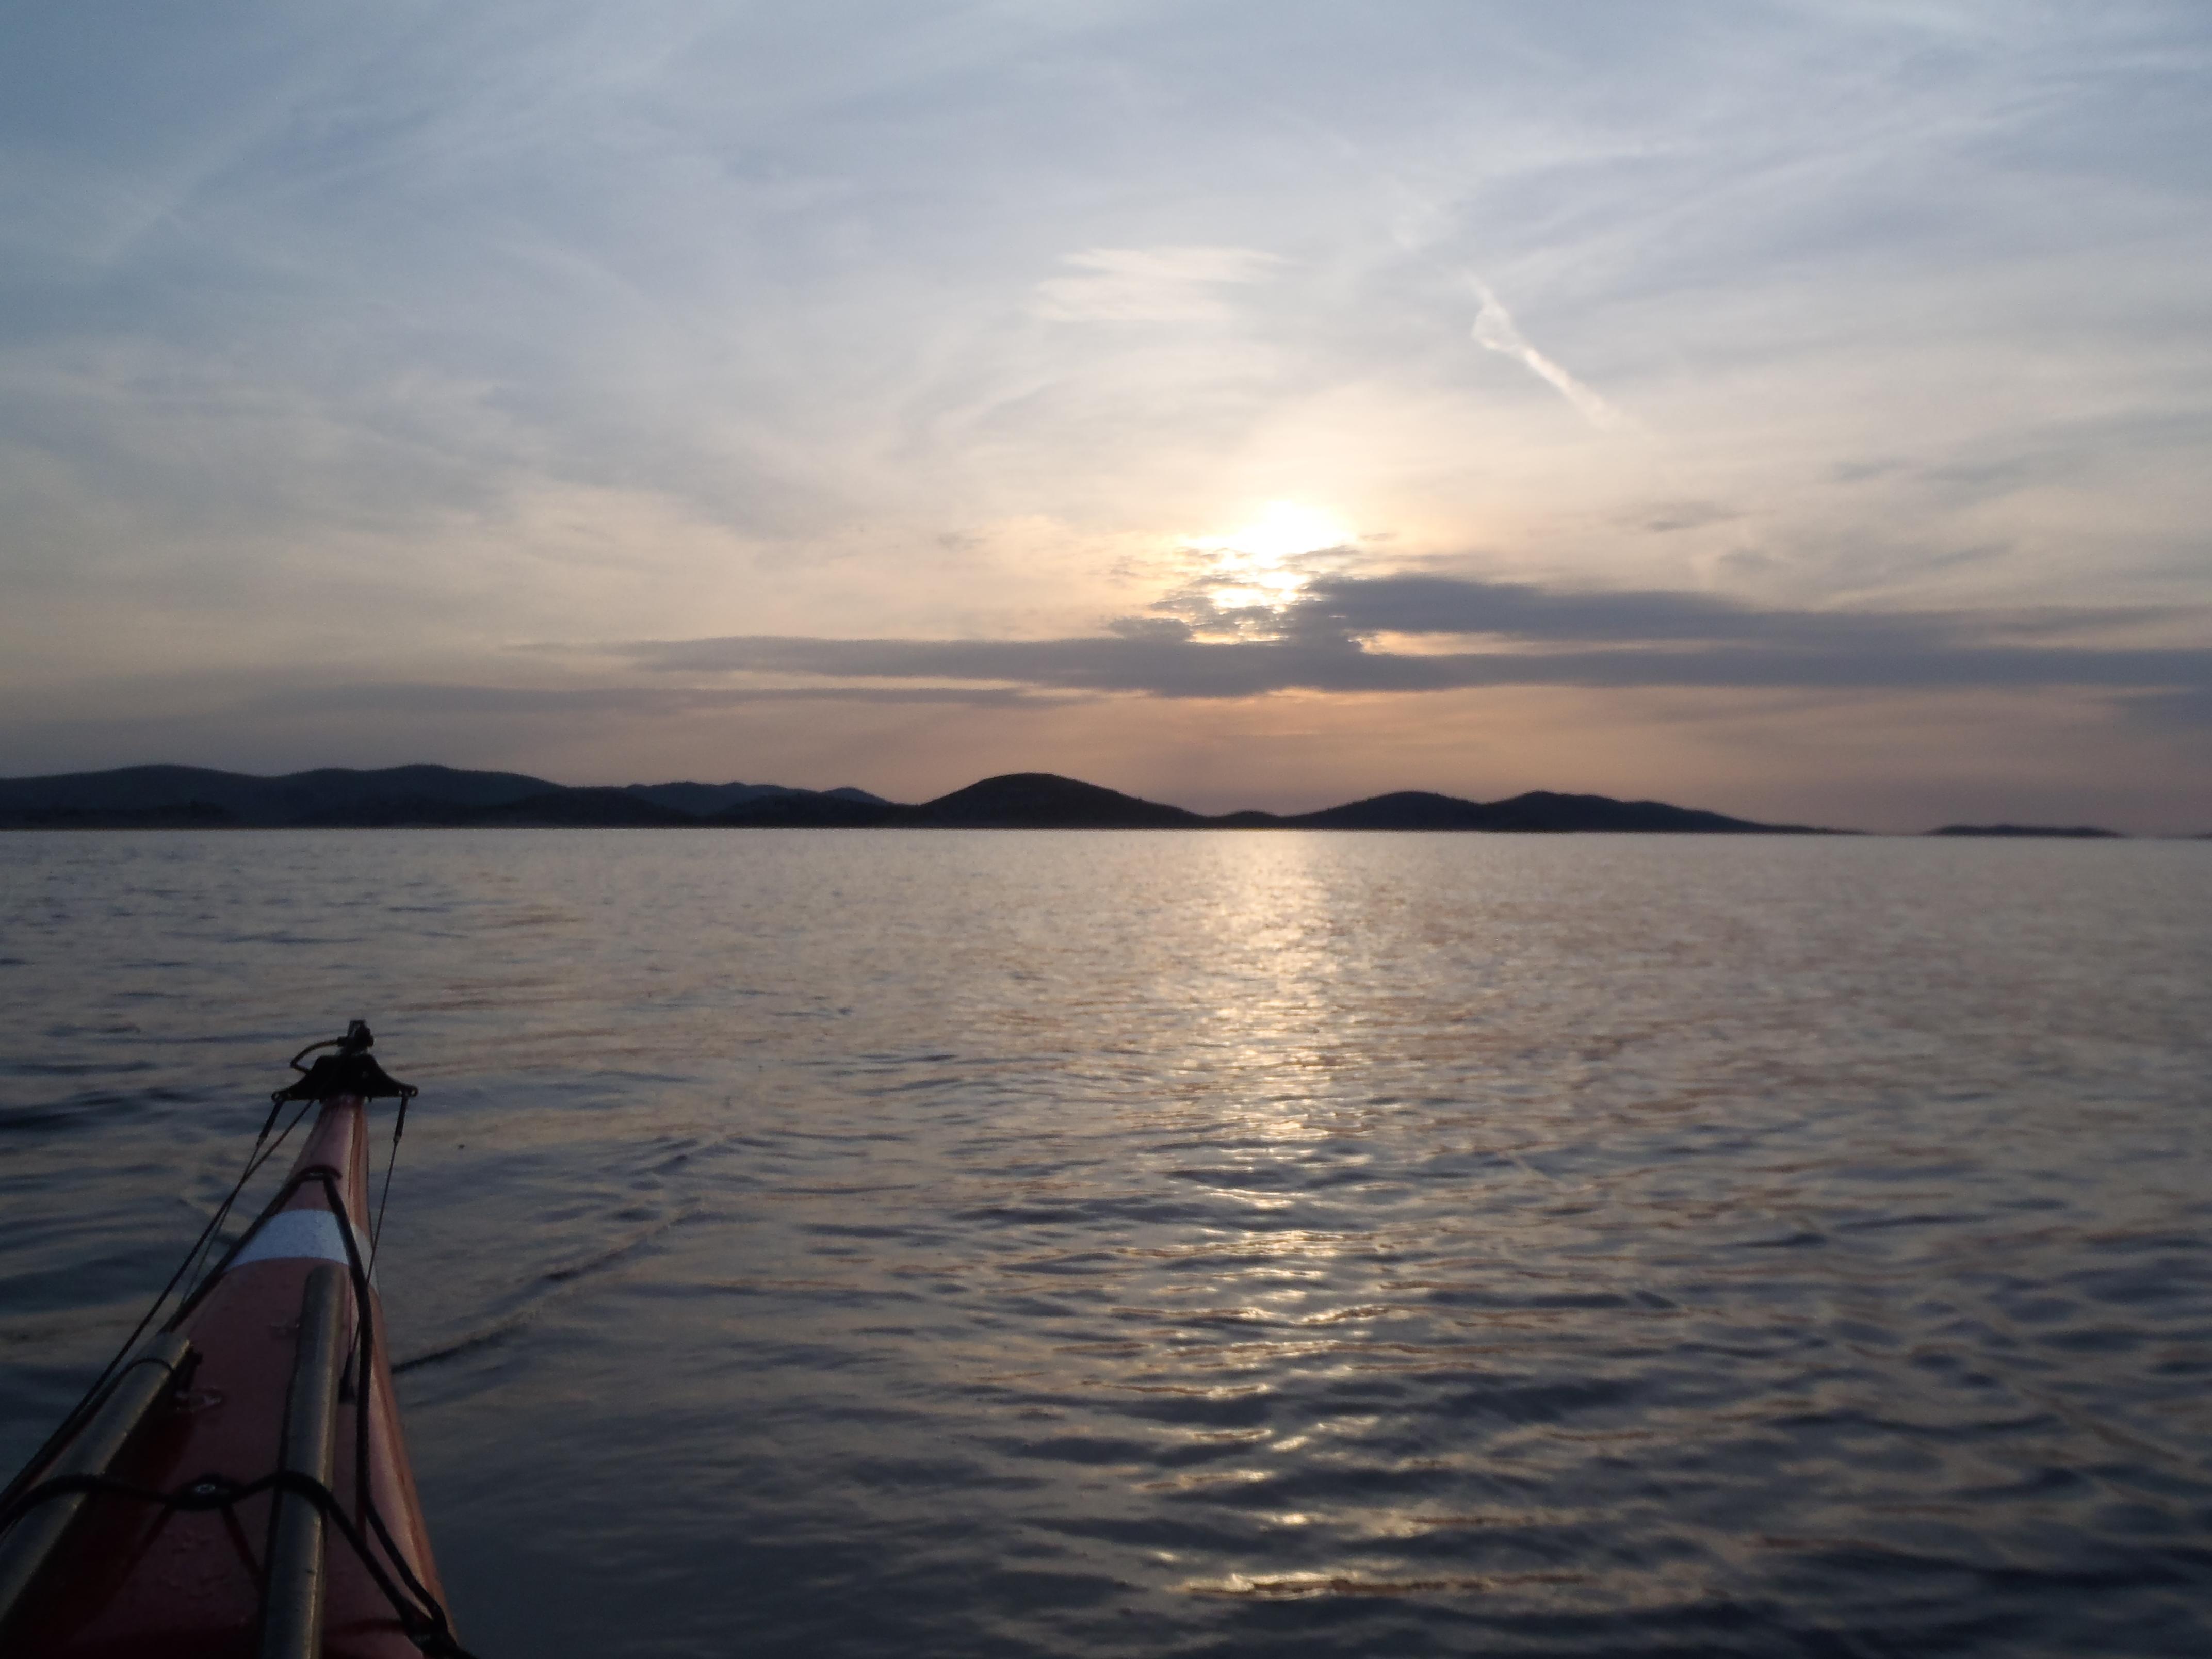 Západ slunce. Pohled na ostrov Žut